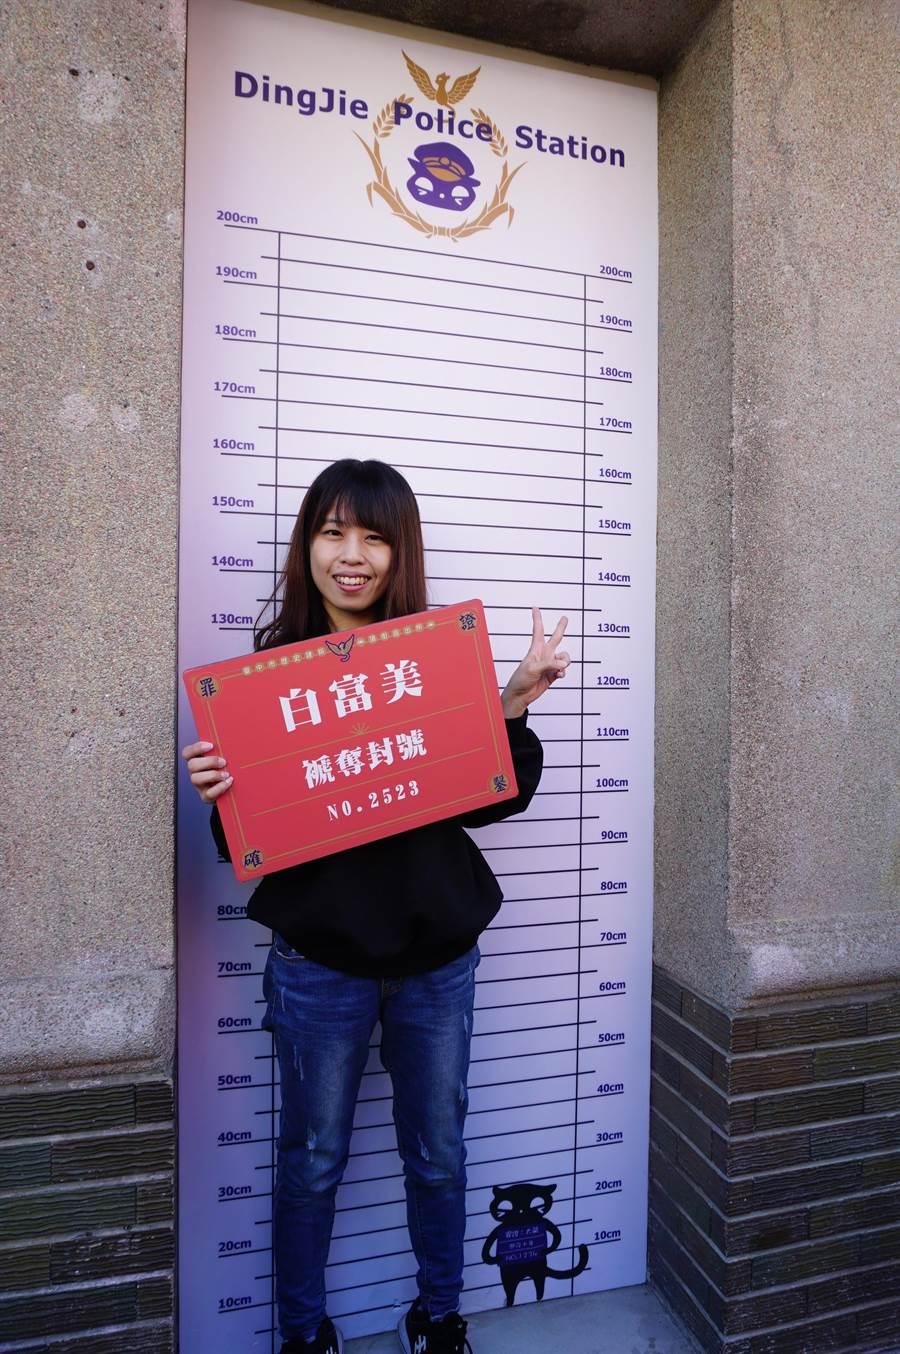 館方在外設置「罪犯身高對照尺」的打卡點,令人莞爾。(王文吉攝)